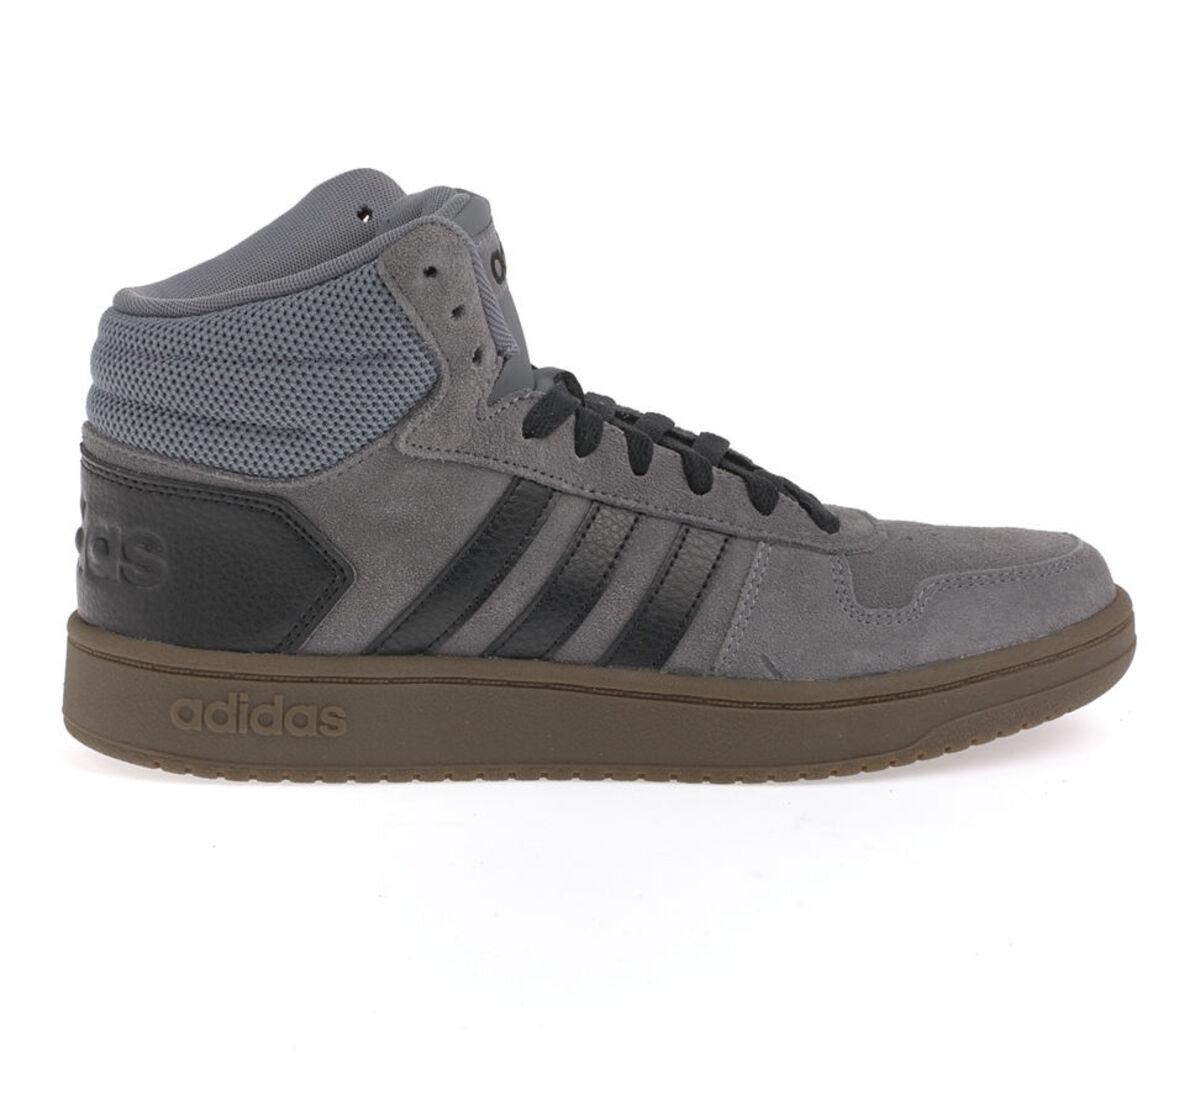 Bild 3 von Adidas Sneaker - HOOPS 2.0 MID